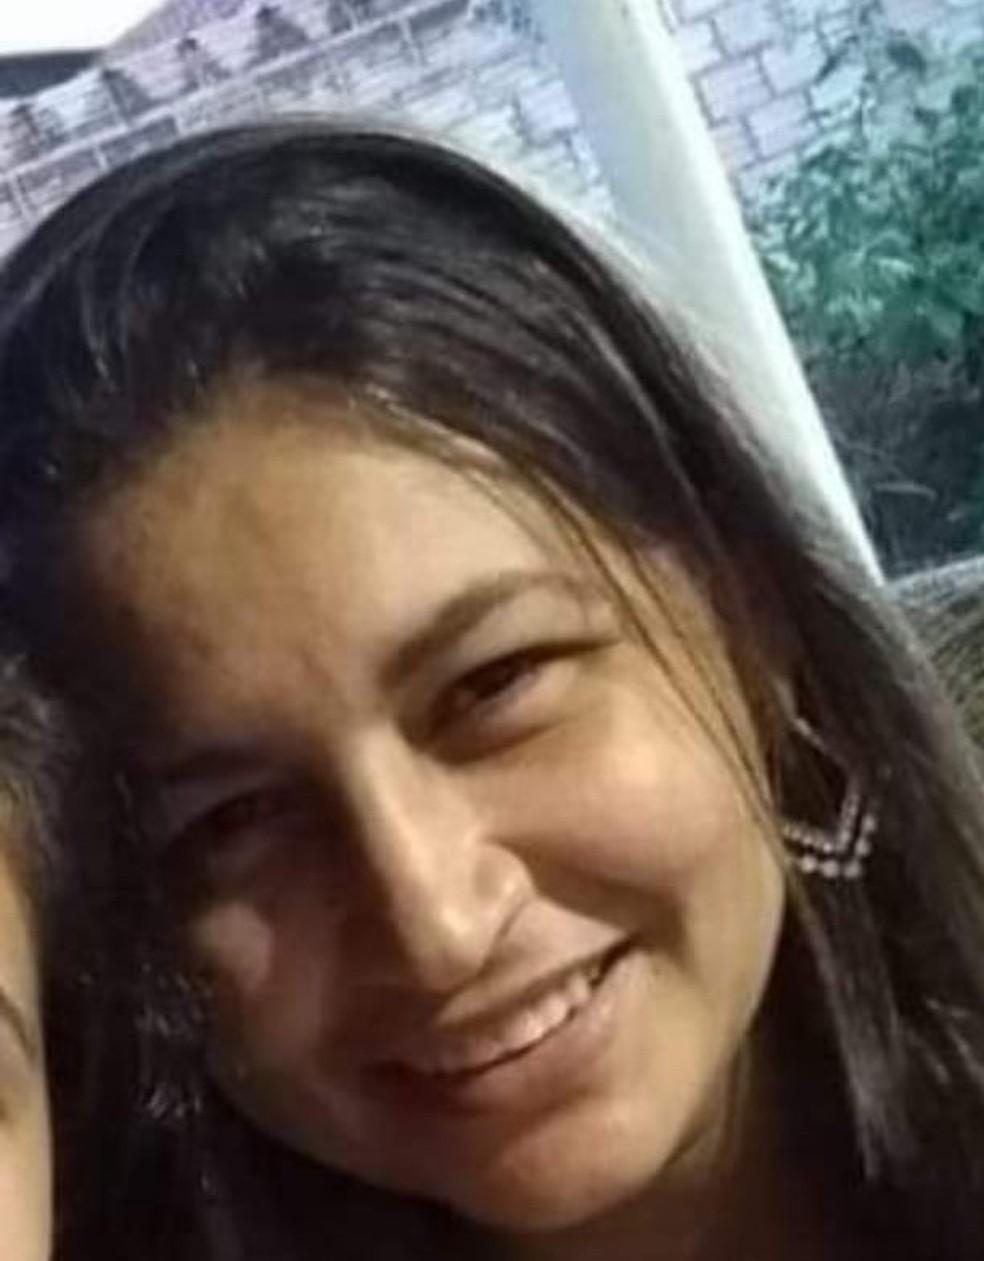 Marlene Roque da Cruz, de 39 anos, foi assassinada no Distrito Ouro Branco, município de Nova Canaã do Norte — Foto: Arquivo pessoal